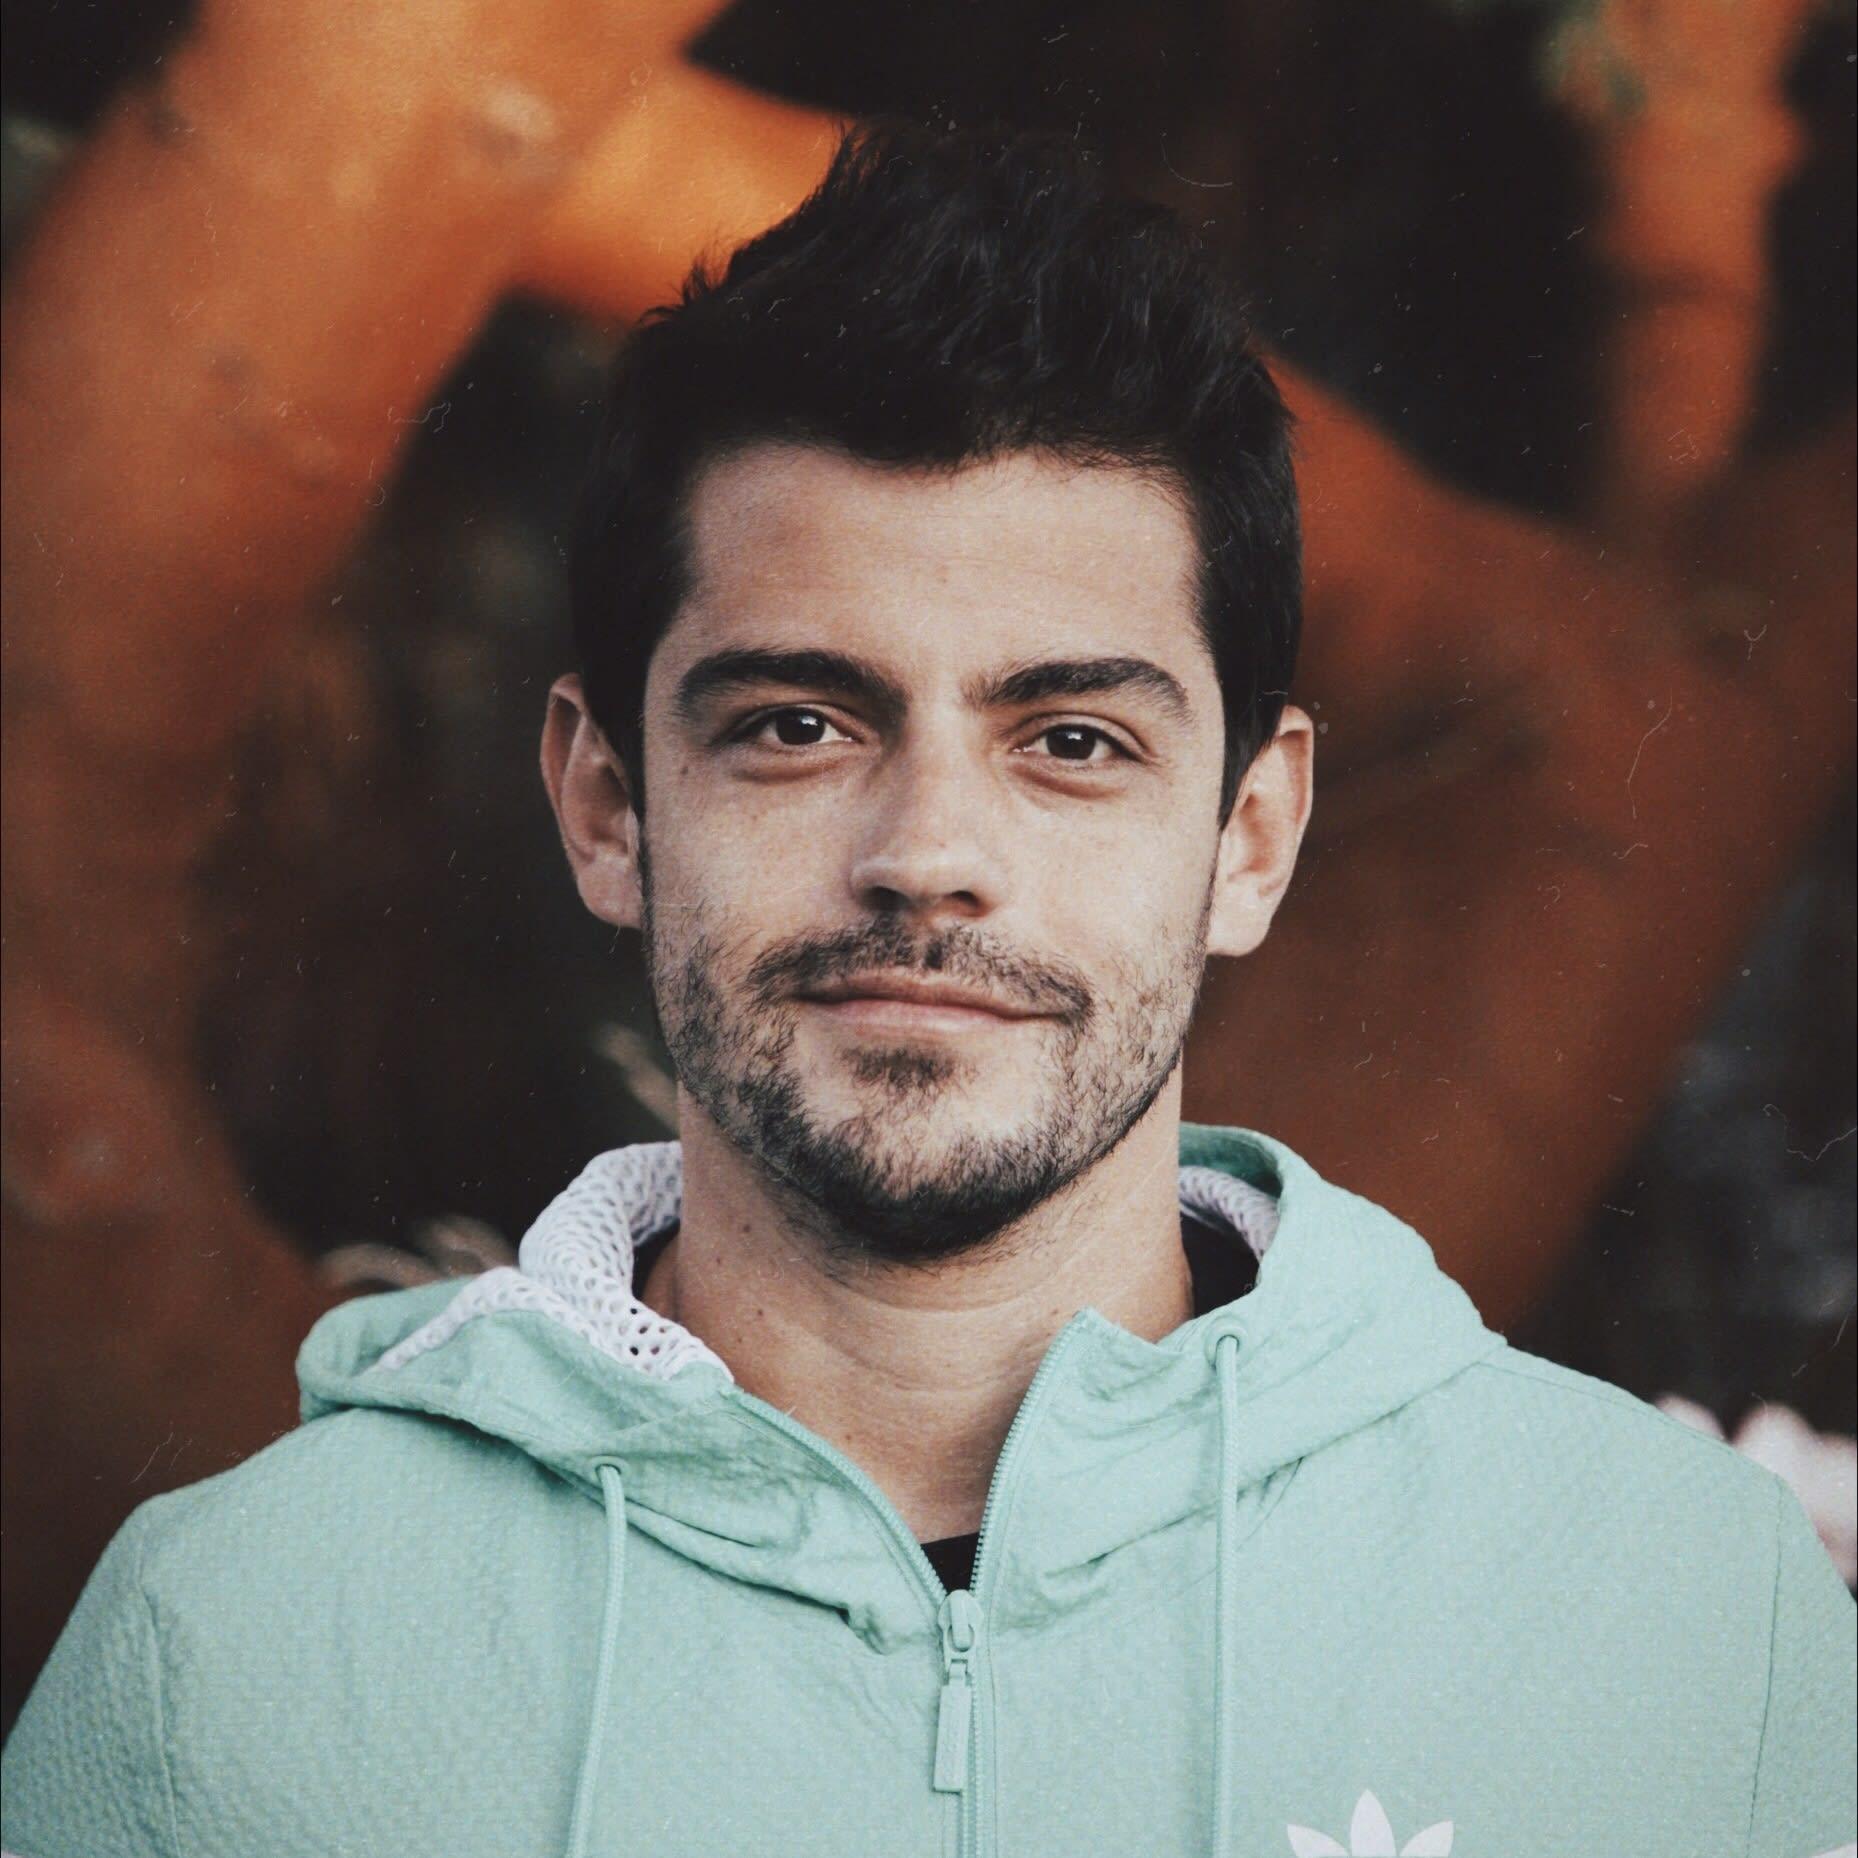 Raphael Pavan está de frente para a câmera, sorrindo de canto. Está vestindo um agasalho verde claro.